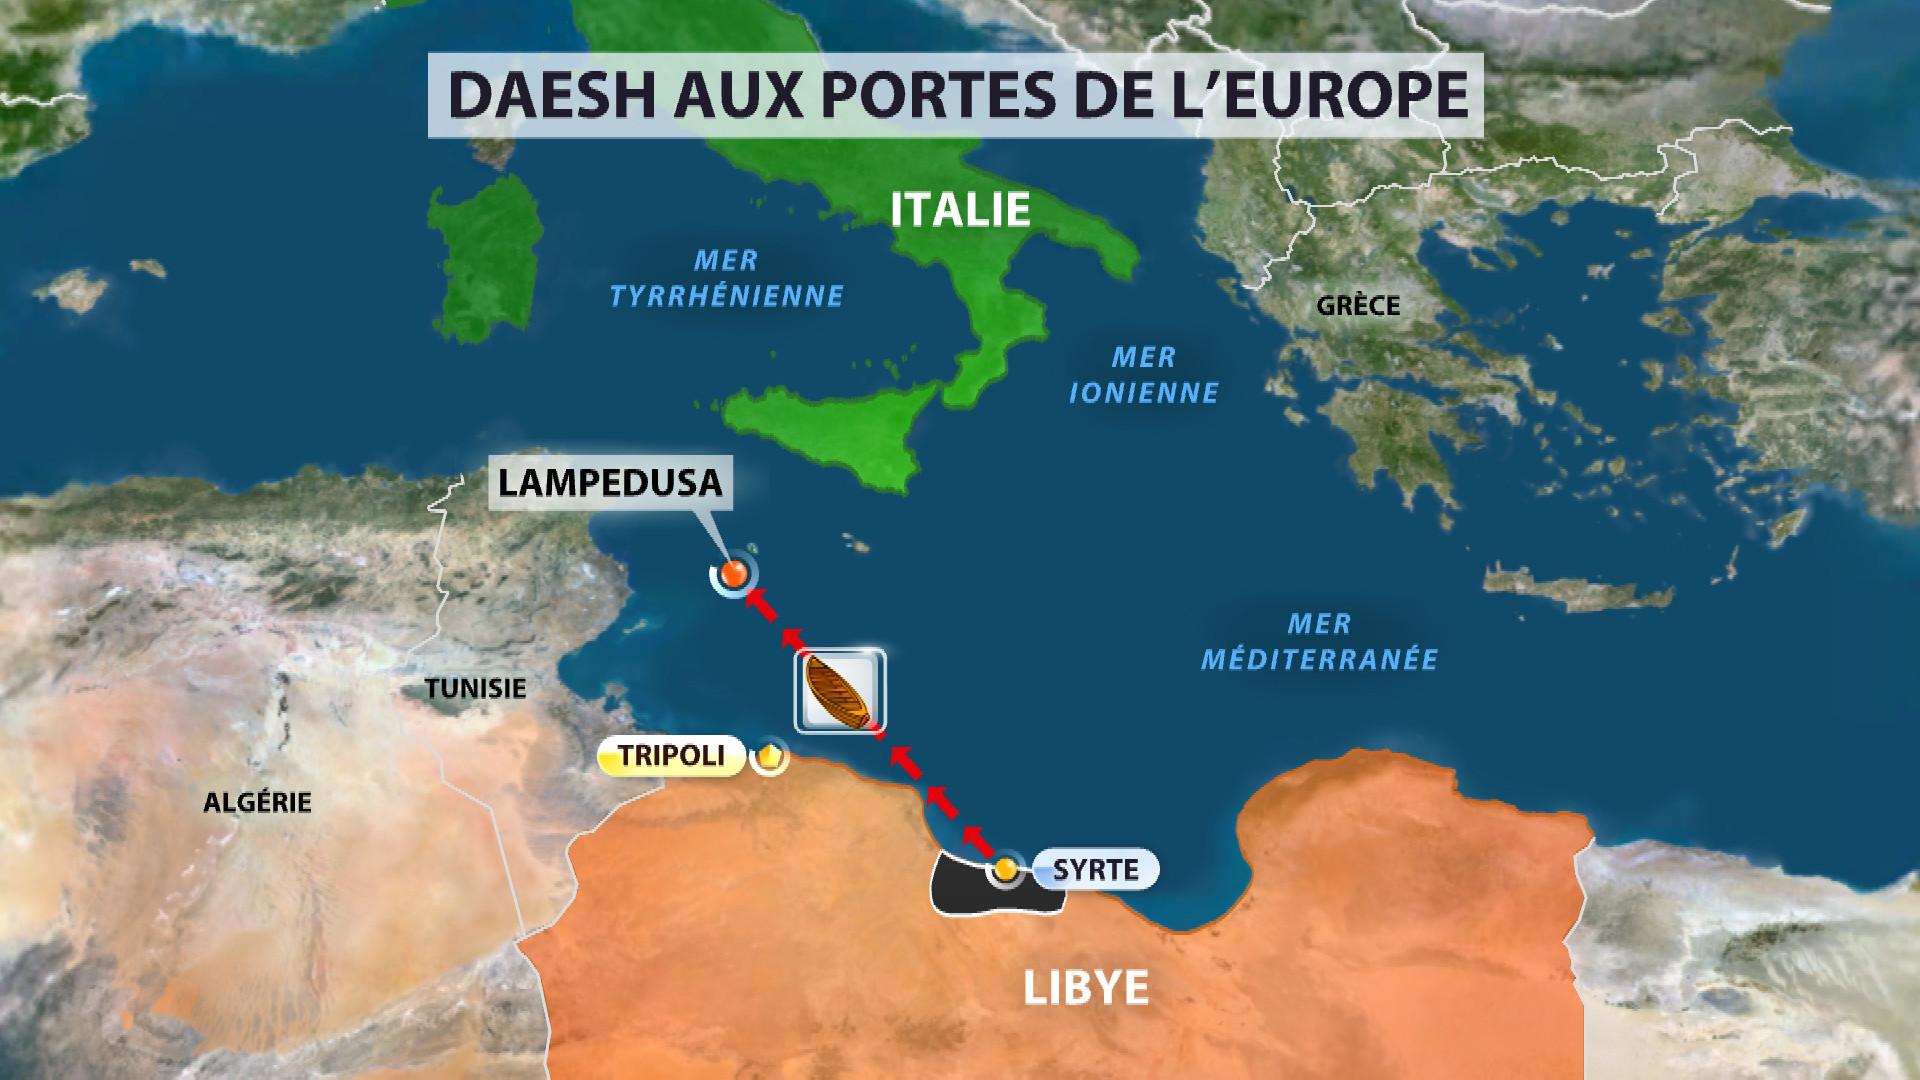 Daesh à 350 km de l'Europe : Le Drian alerte sur la présence de l'EI en Libye